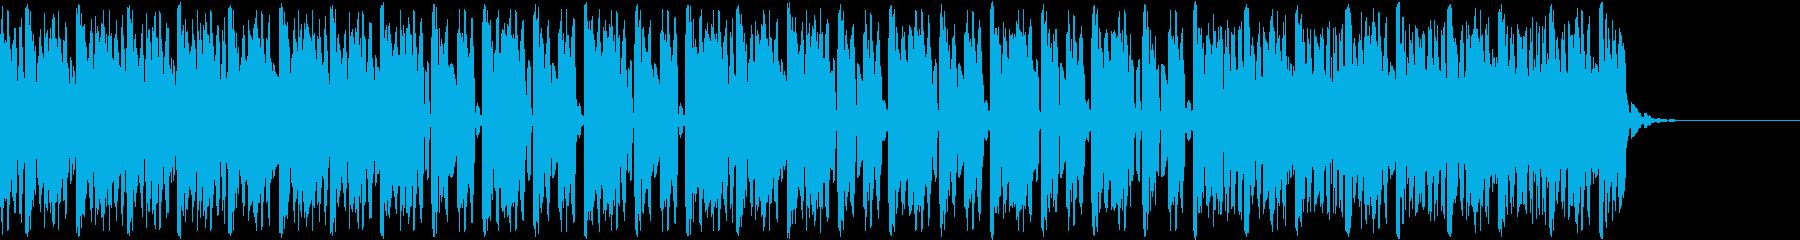 デジタル、CG、SFX等の映像ショート⑫の再生済みの波形